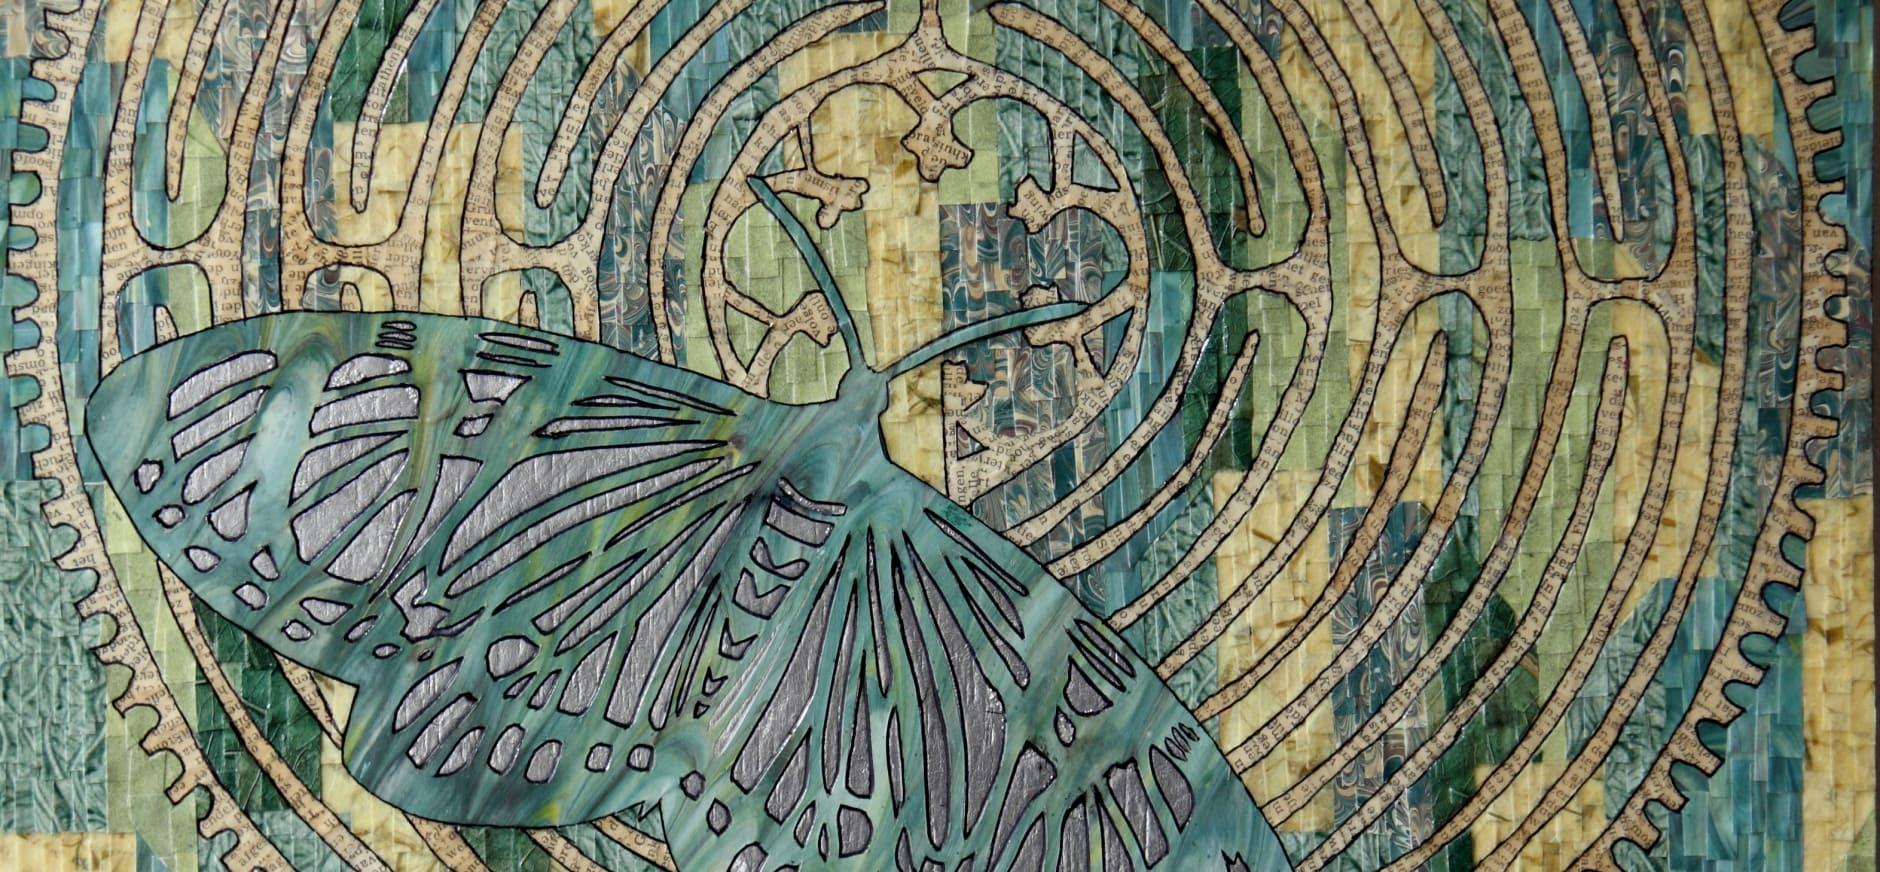 'Schilderijen van papier' in Bezoekerscentrum Nieuwkoopse Plassen